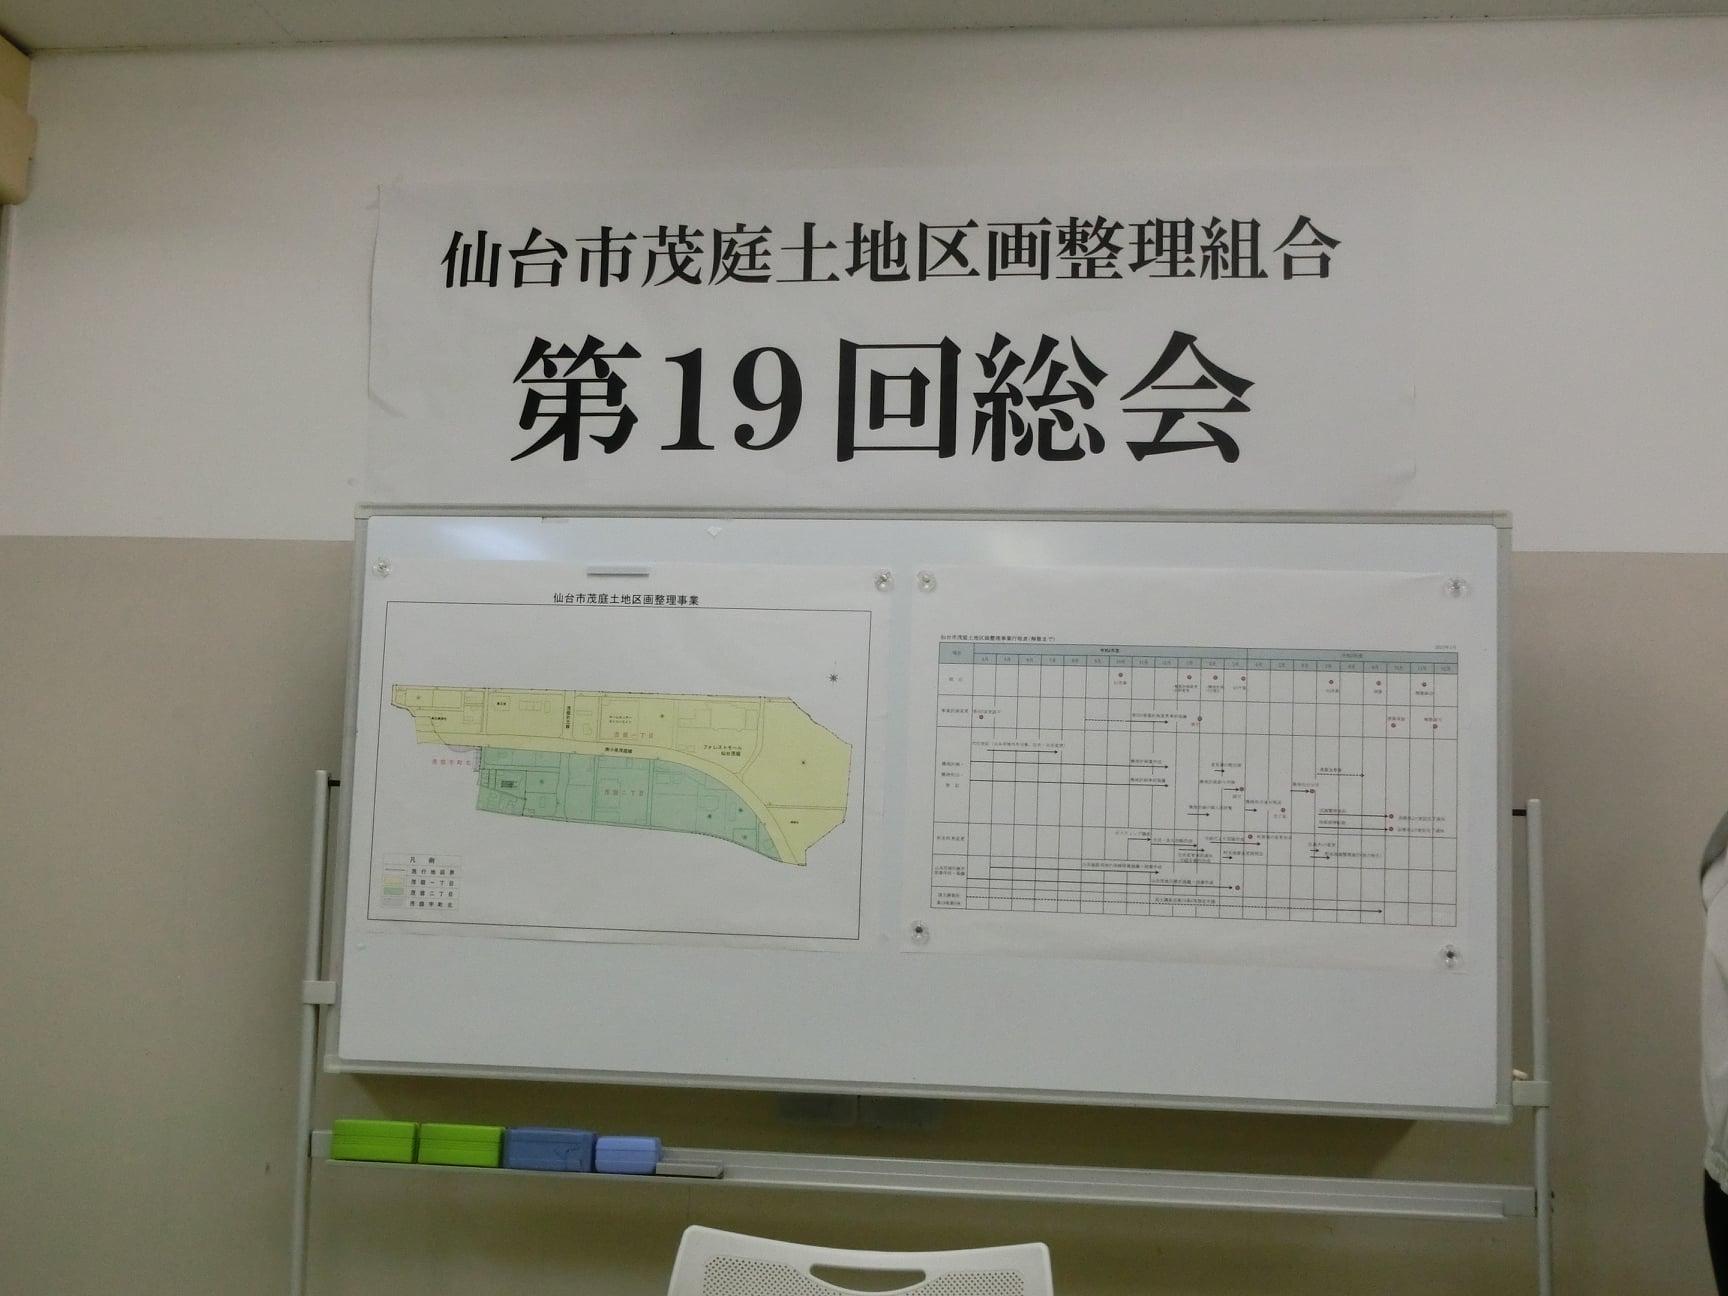 仙台市茂庭土地区画整理組合 第19回総会が開催され、顧問として挨拶をいたしました。